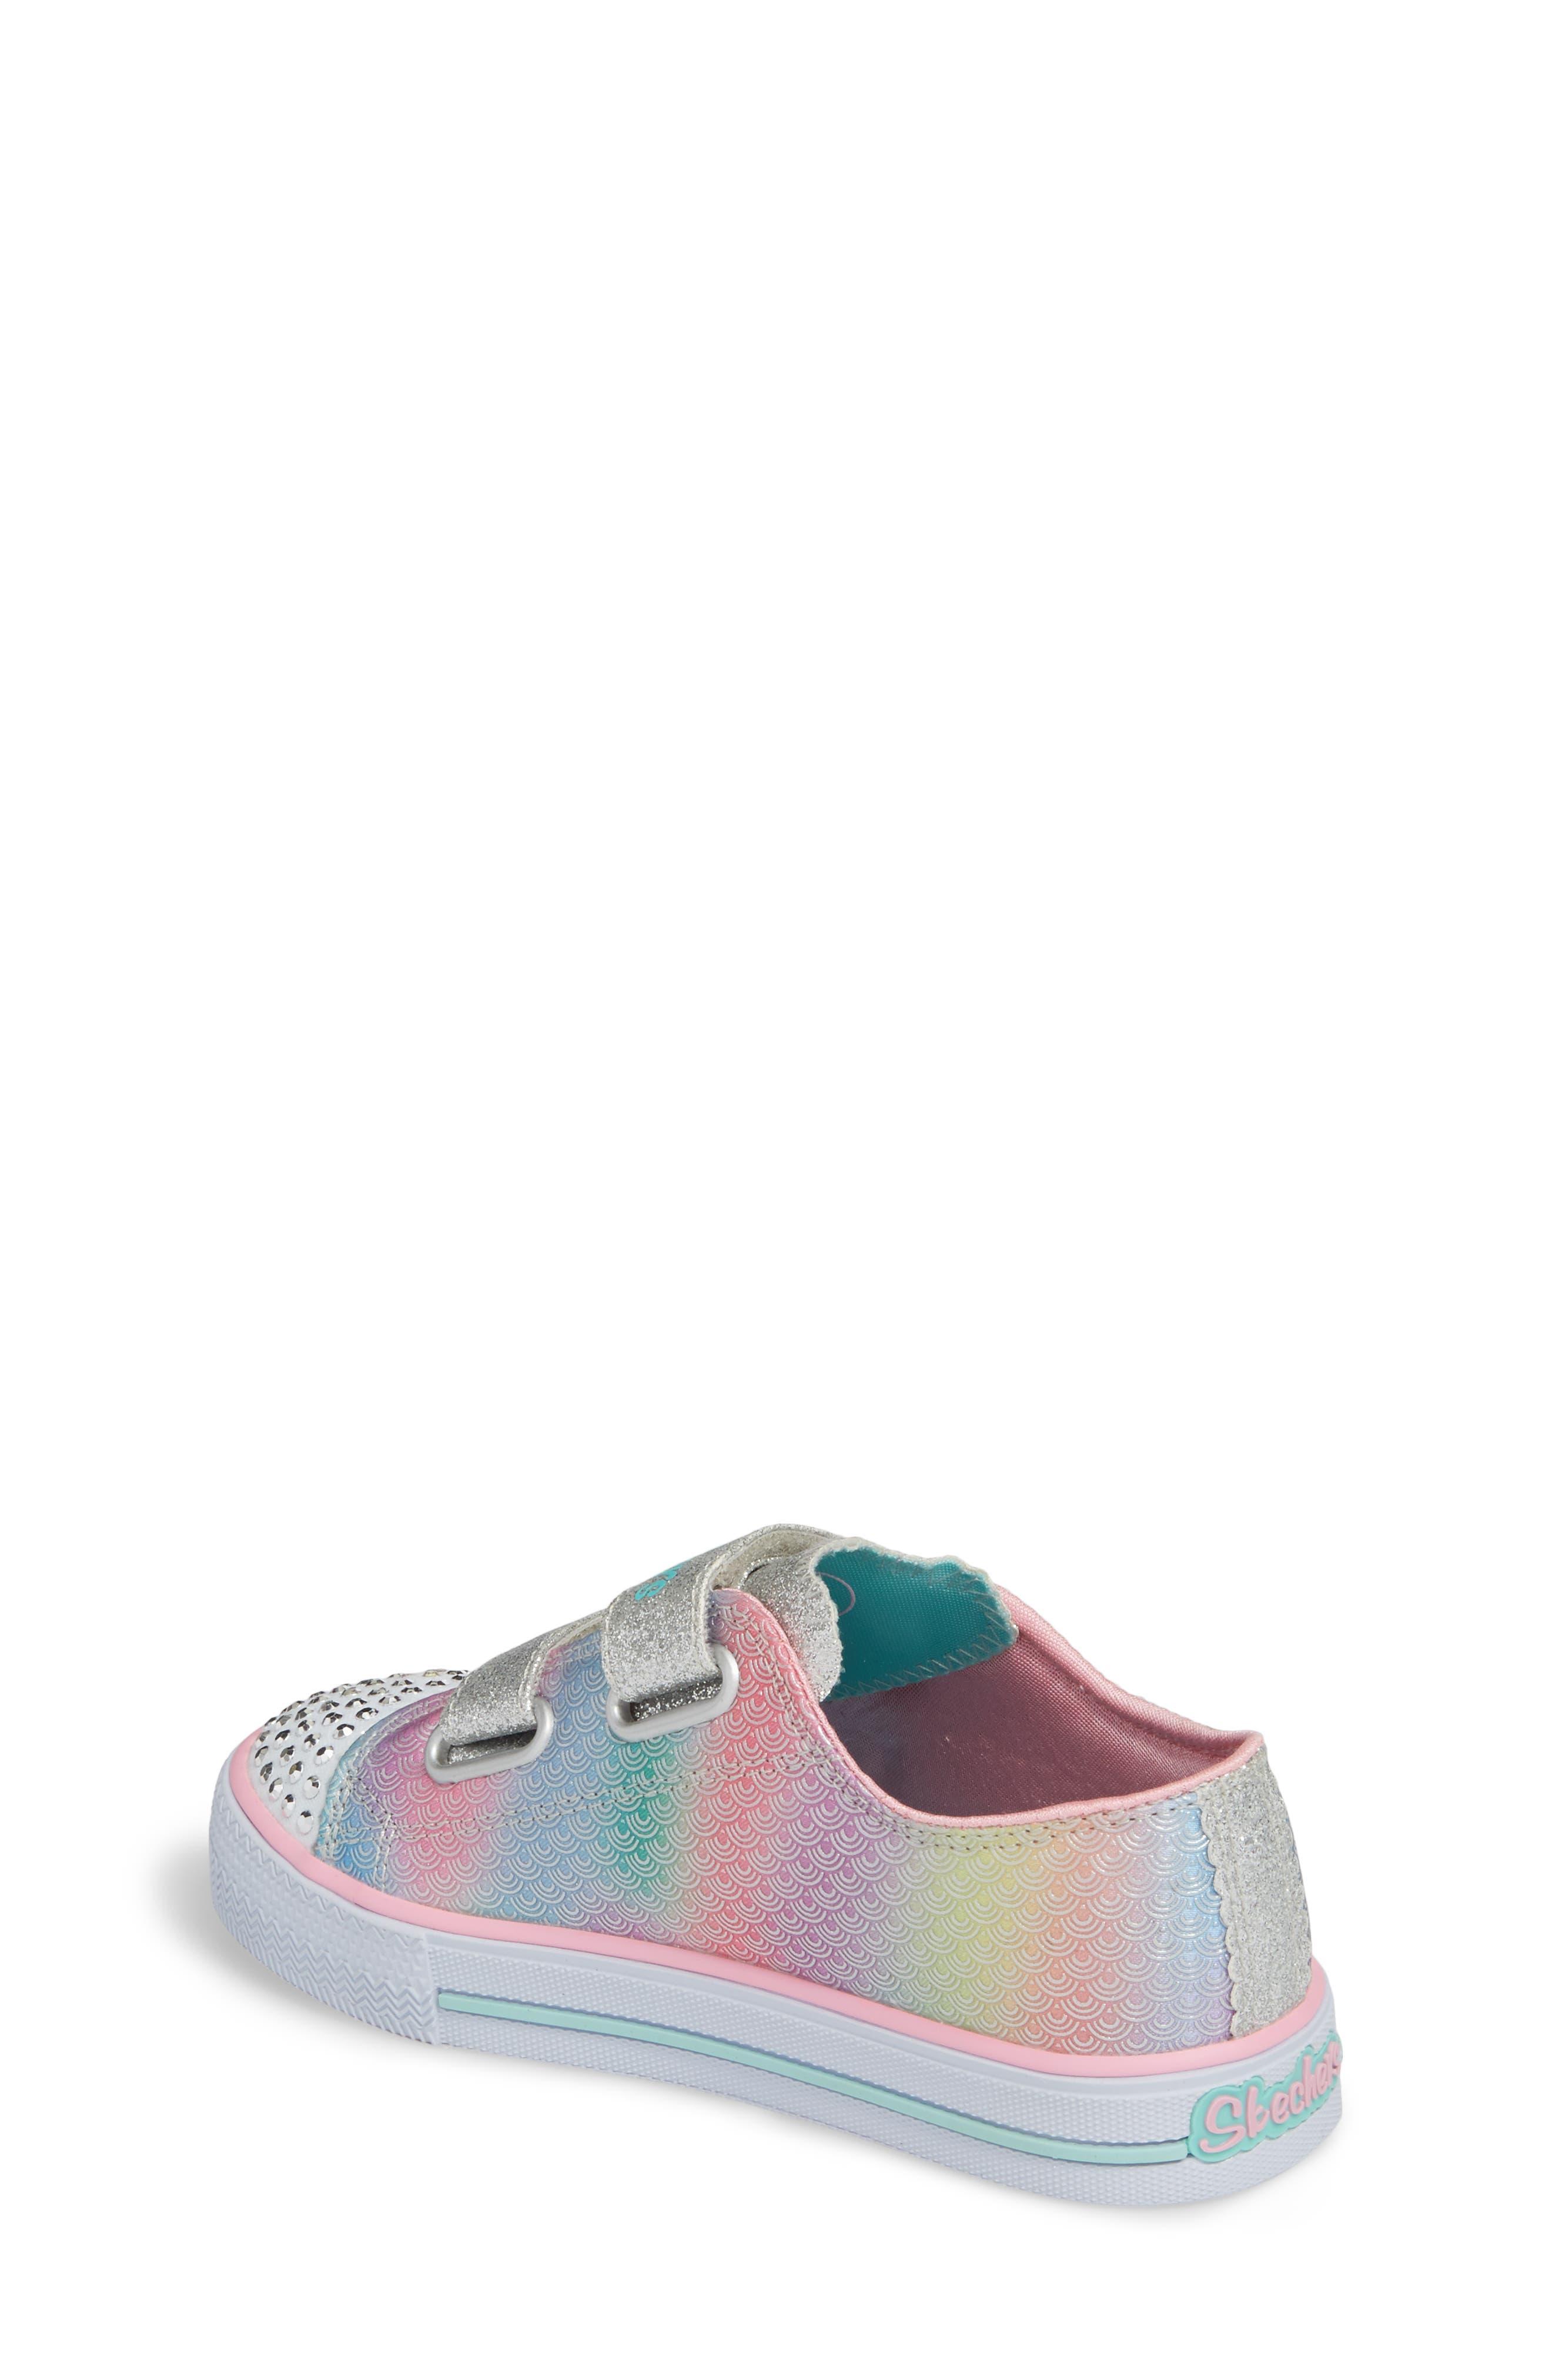 Shuffles - Itsy Bitsy Light-Up Sneaker,                             Alternate thumbnail 7, color,